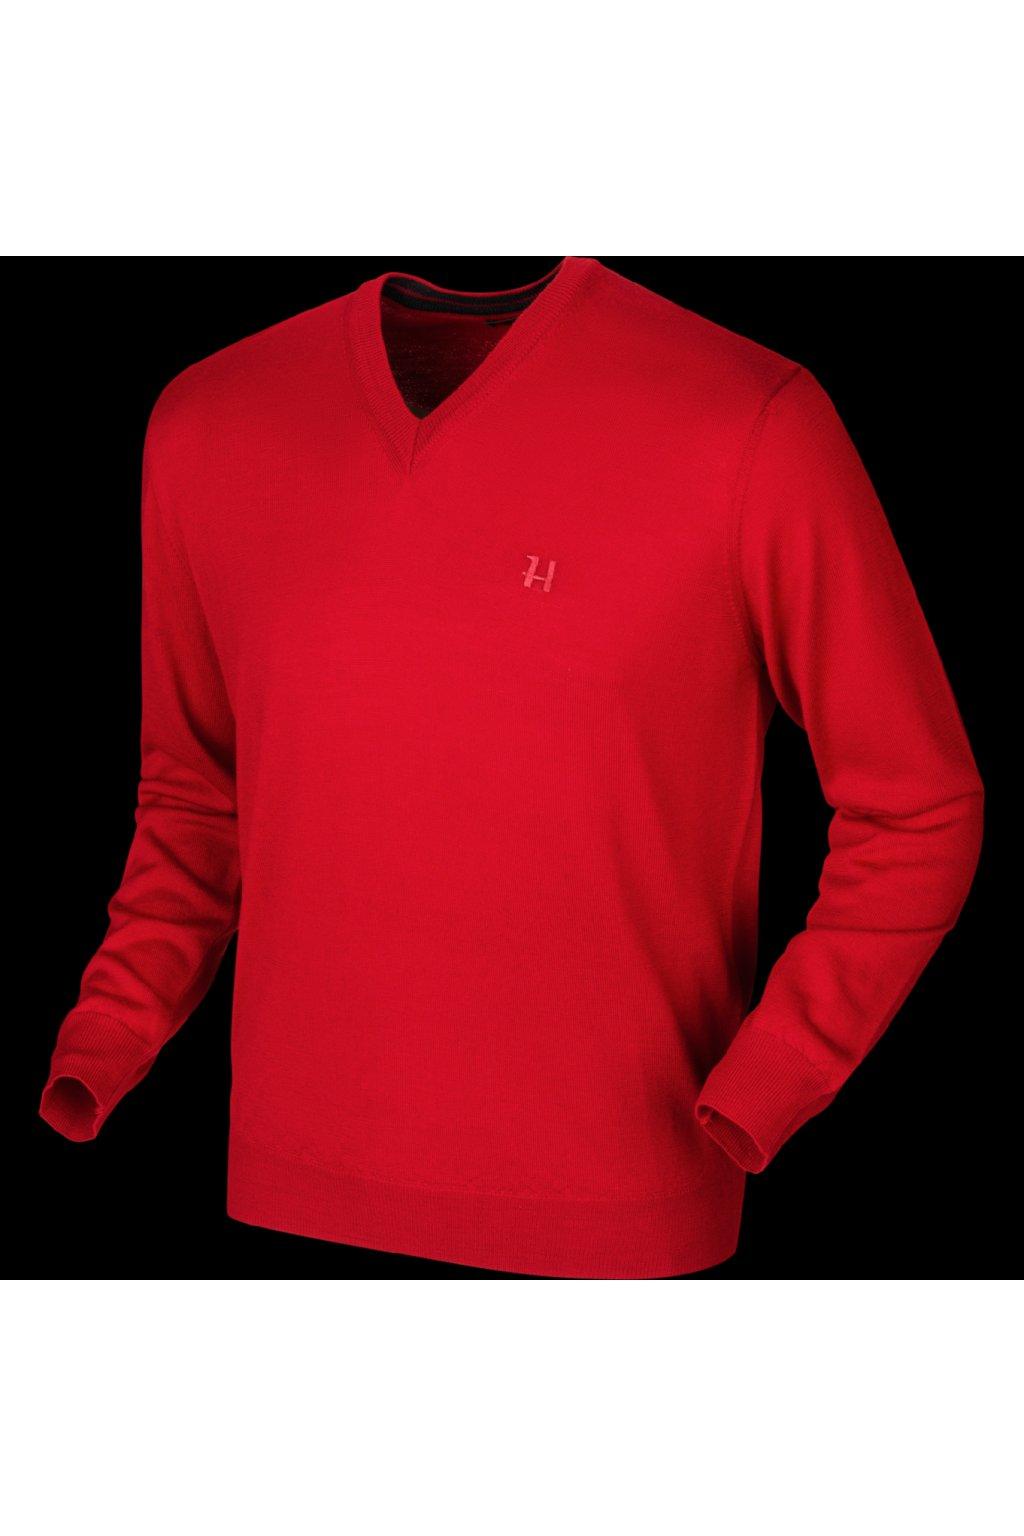 HÄRKILA  - Glenmore pullover Jester red